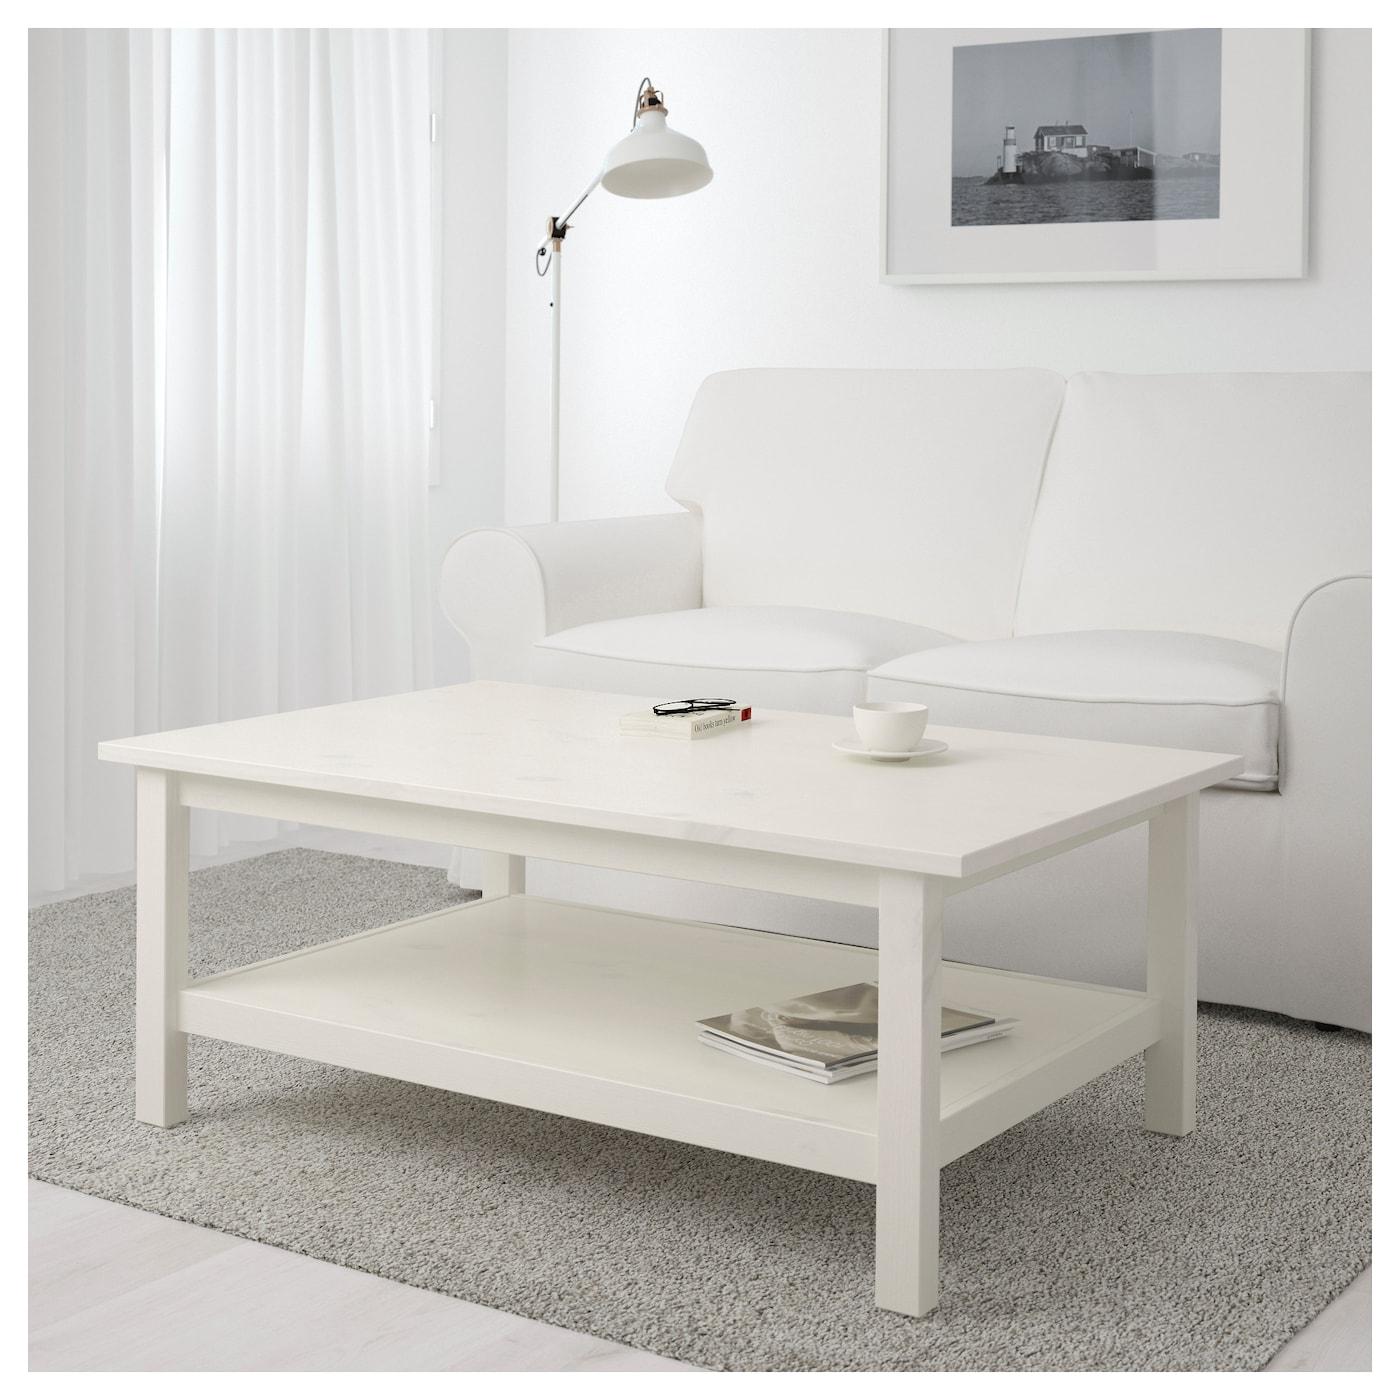 Amazing Ikea Hemnes Coffee Table: HEMNES Coffee Table White Stain 118 X 75 Cm